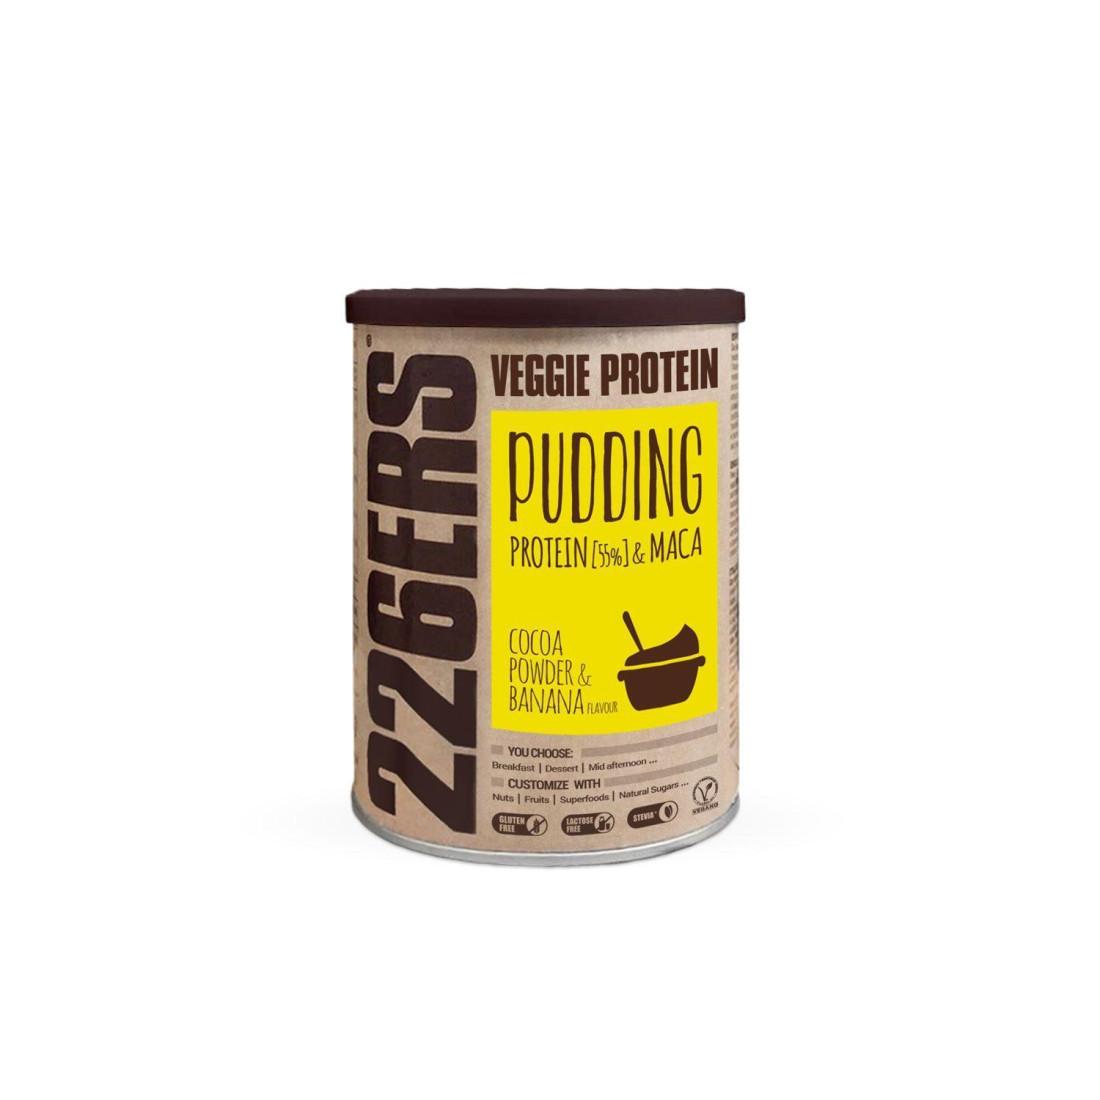 VEGGIE PROTEIN PUDDING - Proteína de guisante + Maca